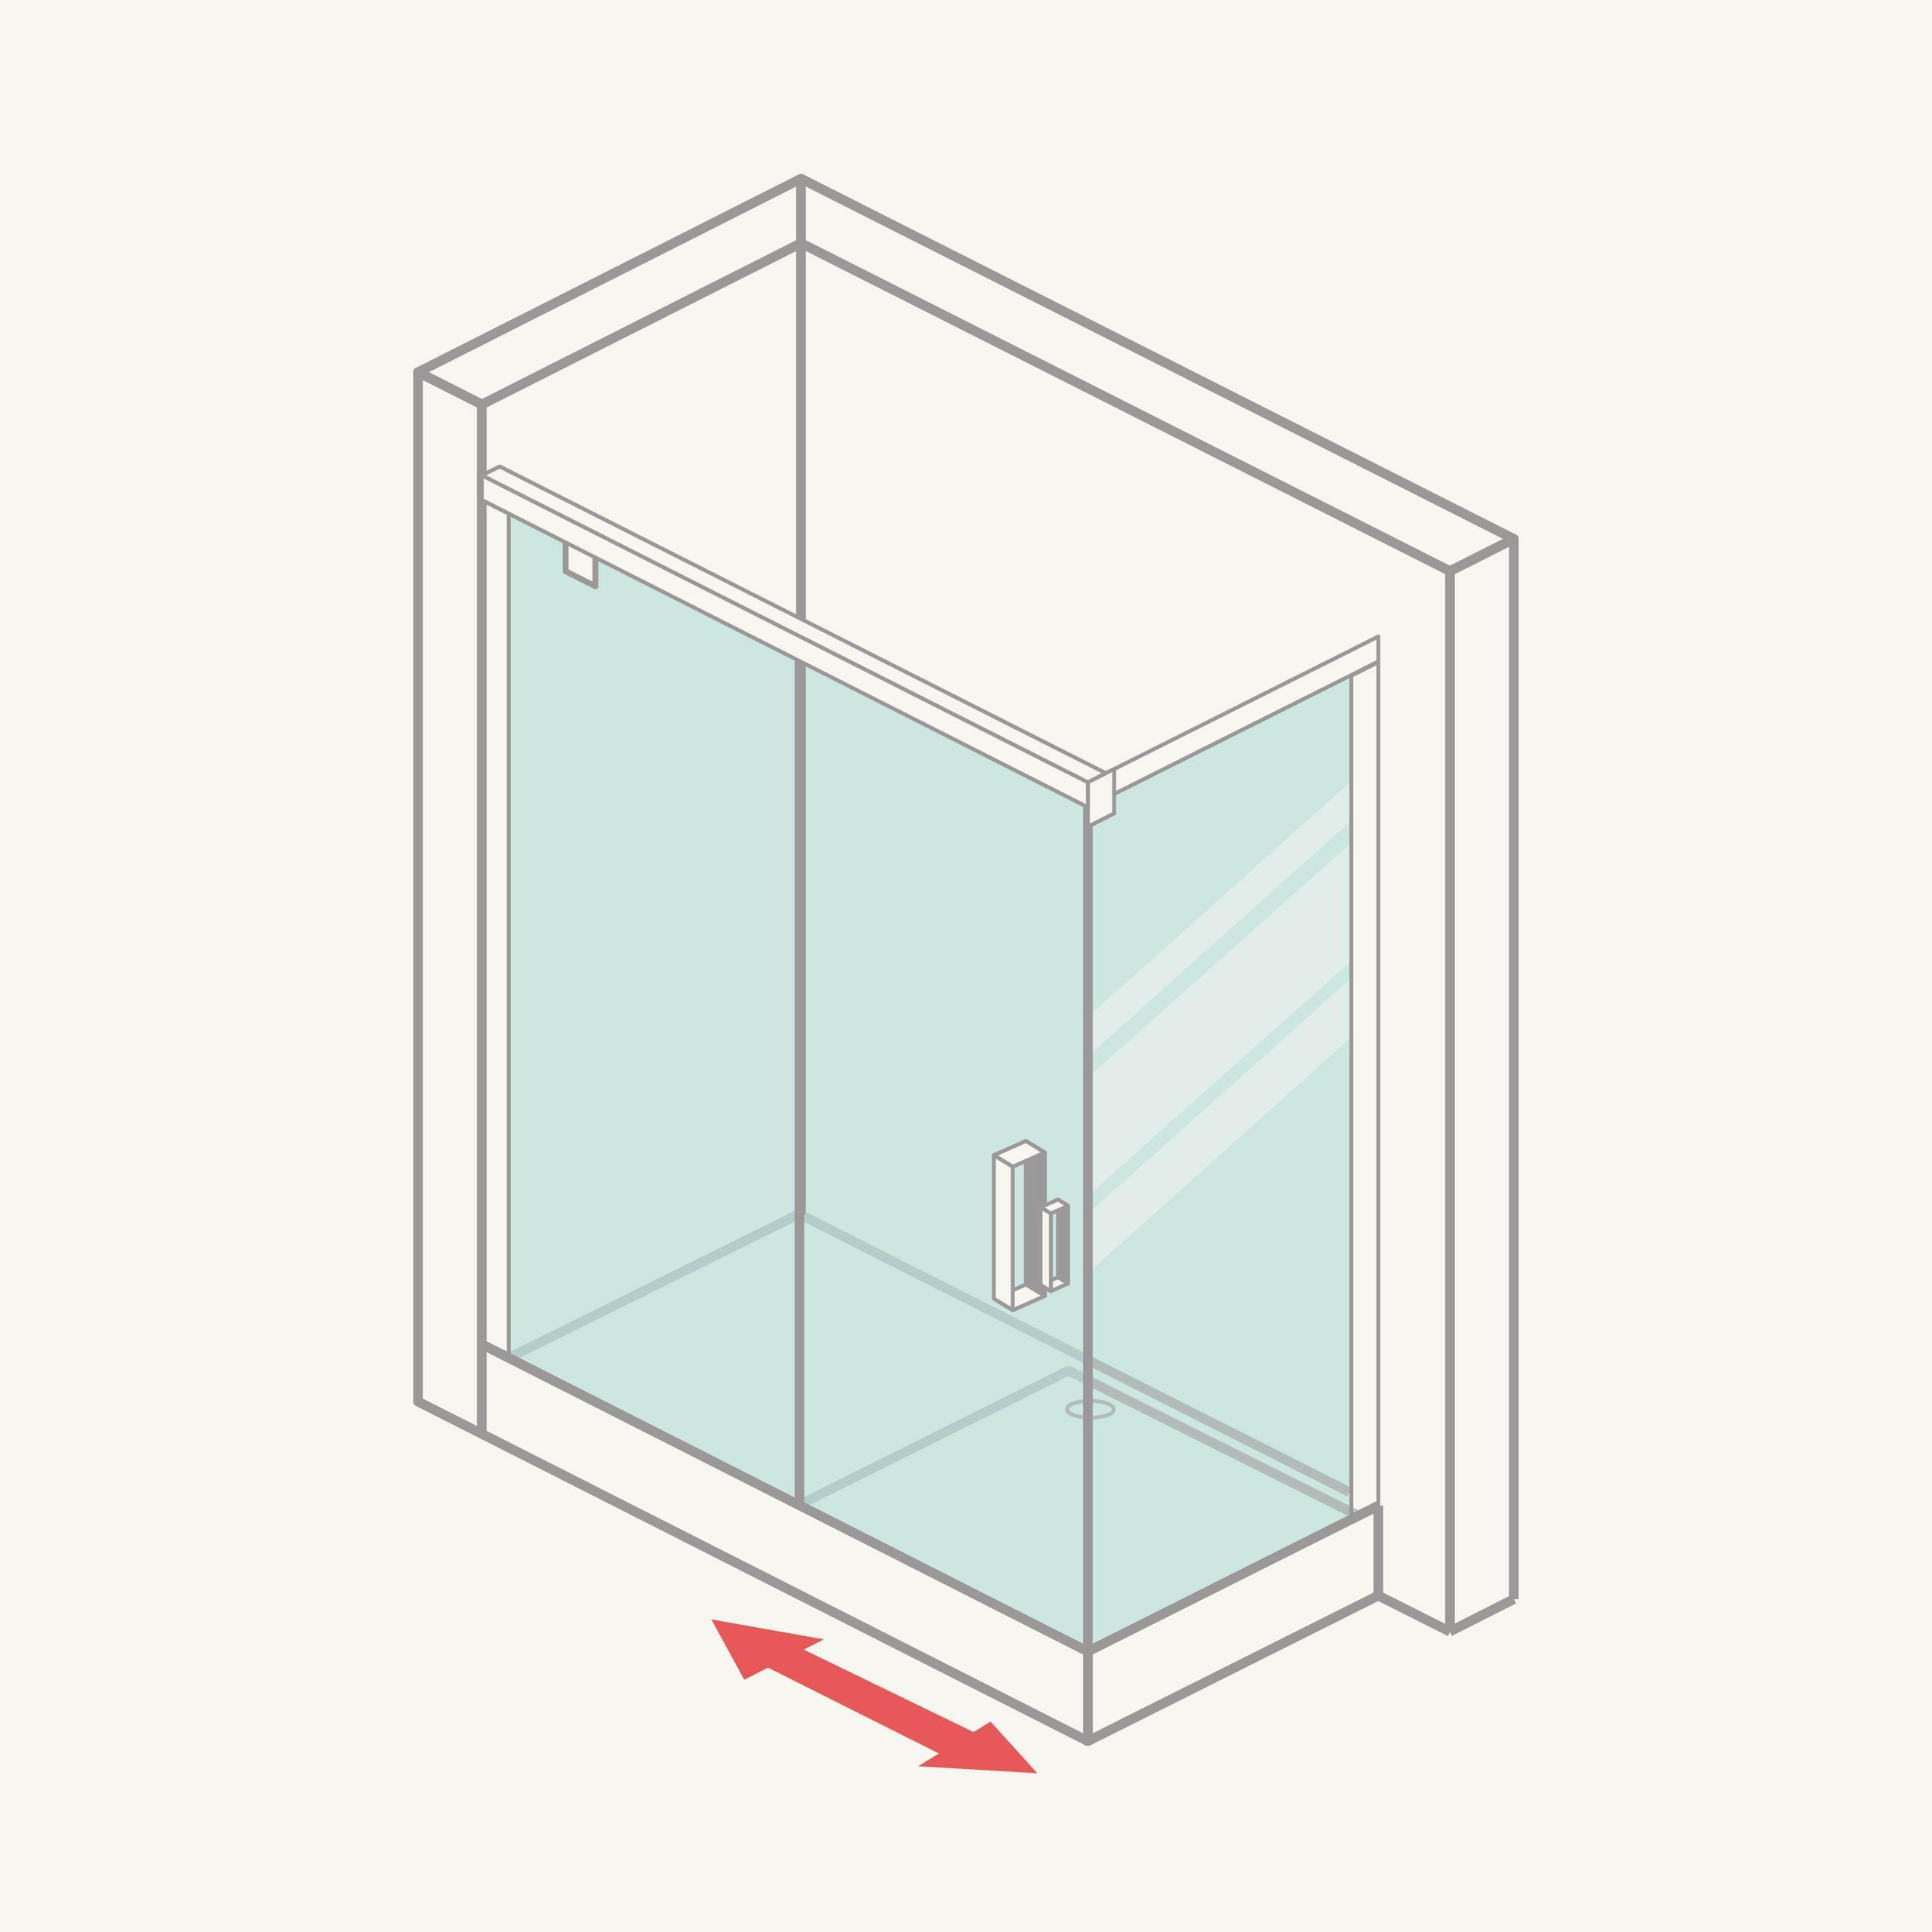 Mampara de ducha angular: frontal (1 fija + 1 corredera) y lateral fijo